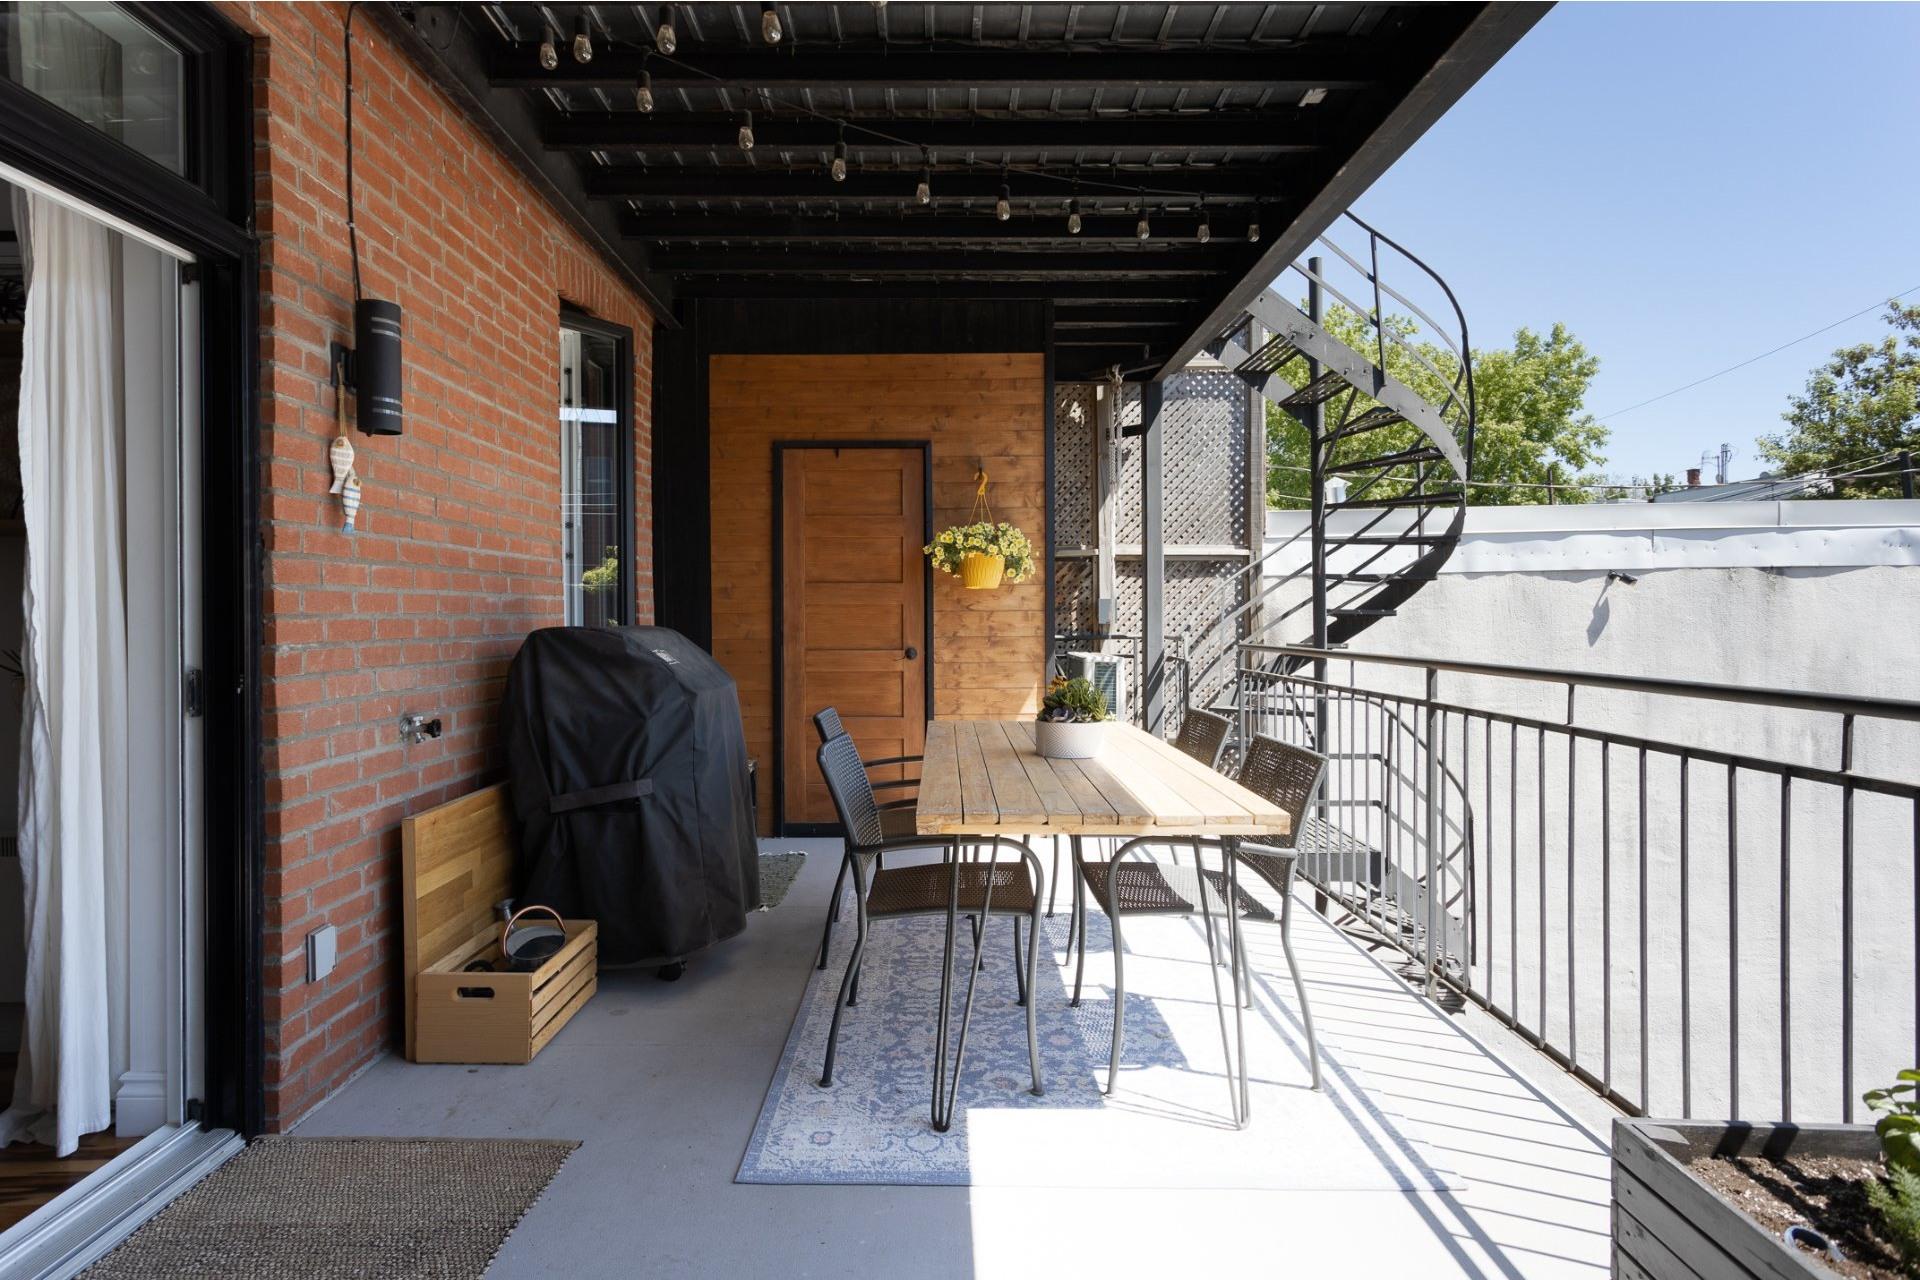 image 16 - Appartement À vendre Mercier/Hochelaga-Maisonneuve Montréal  - 4 pièces